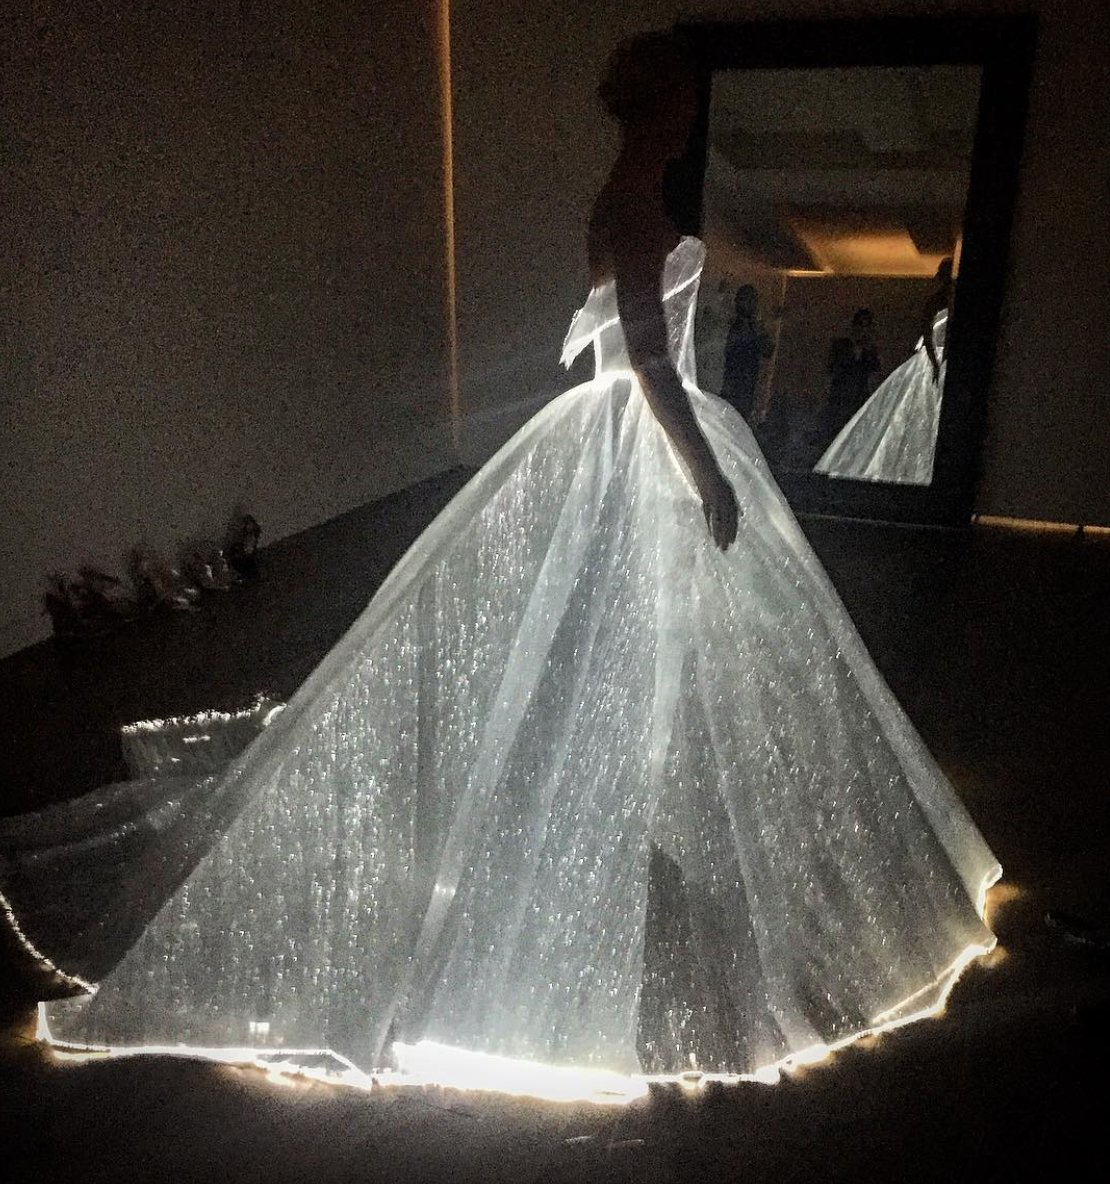 Celestial grandeur. Illuminating ballgown. Guess Who? #MetGala #ZacPosen #Glamour https://t.co/BbheJmk7PF